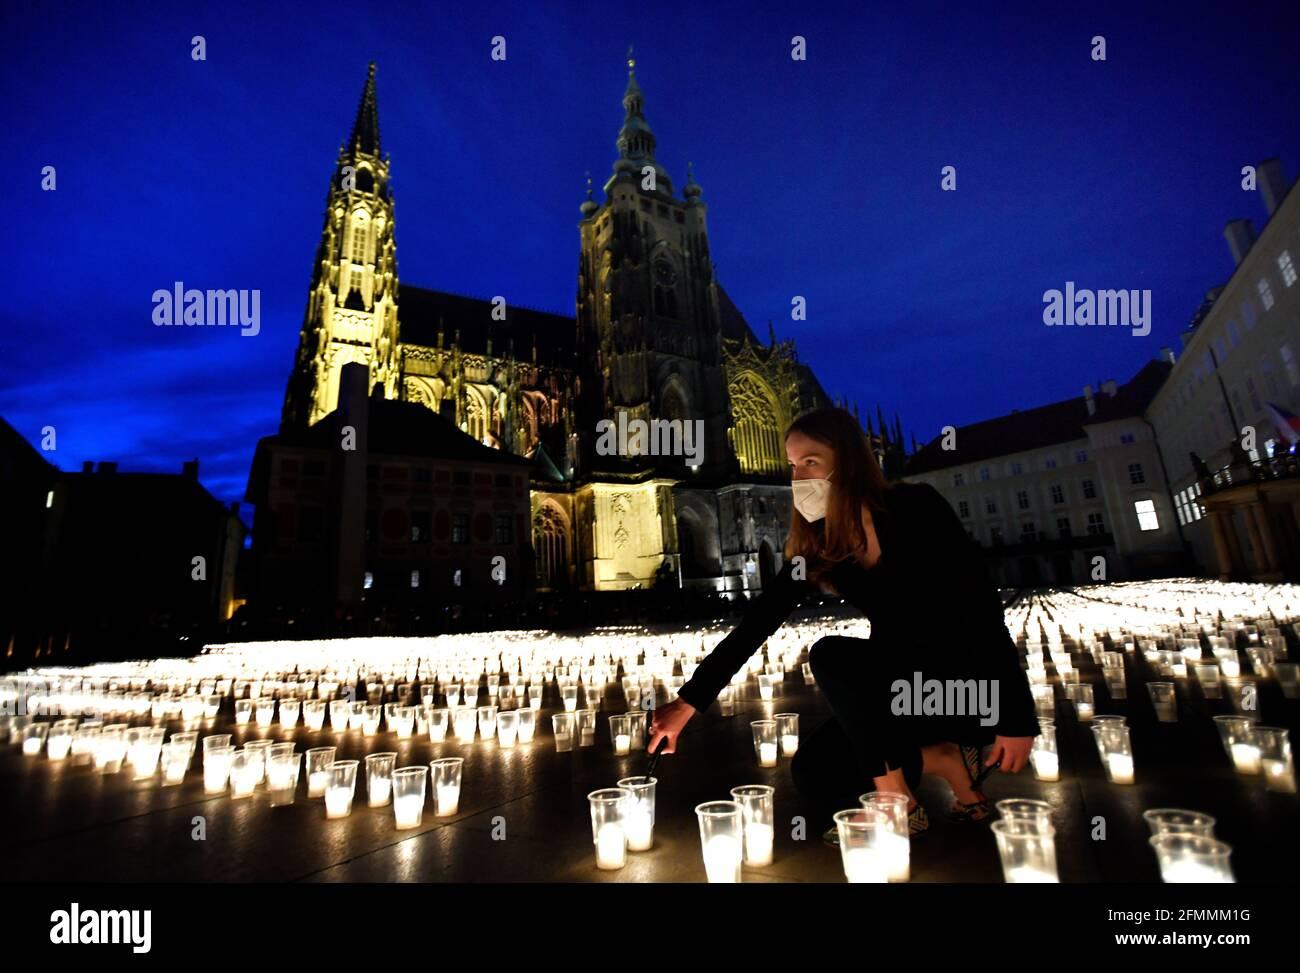 Prag, Tschechische Republik. Mai 2021. Die Tschechen zünden während der Gedenkveranstaltung für COVID-19-Opfer auf der Prager Burg, Tschechische Republik, am 10. Mai 2021 Kerzen an. In den Höfen der Burg werden fast 30,000 Kerzen angezündet, jede für eine infizierte Person, die in der Tschechischen Republik starb. Kredit: Michaela Rihova/CTK Foto/Alamy Live Nachrichten Stockfoto